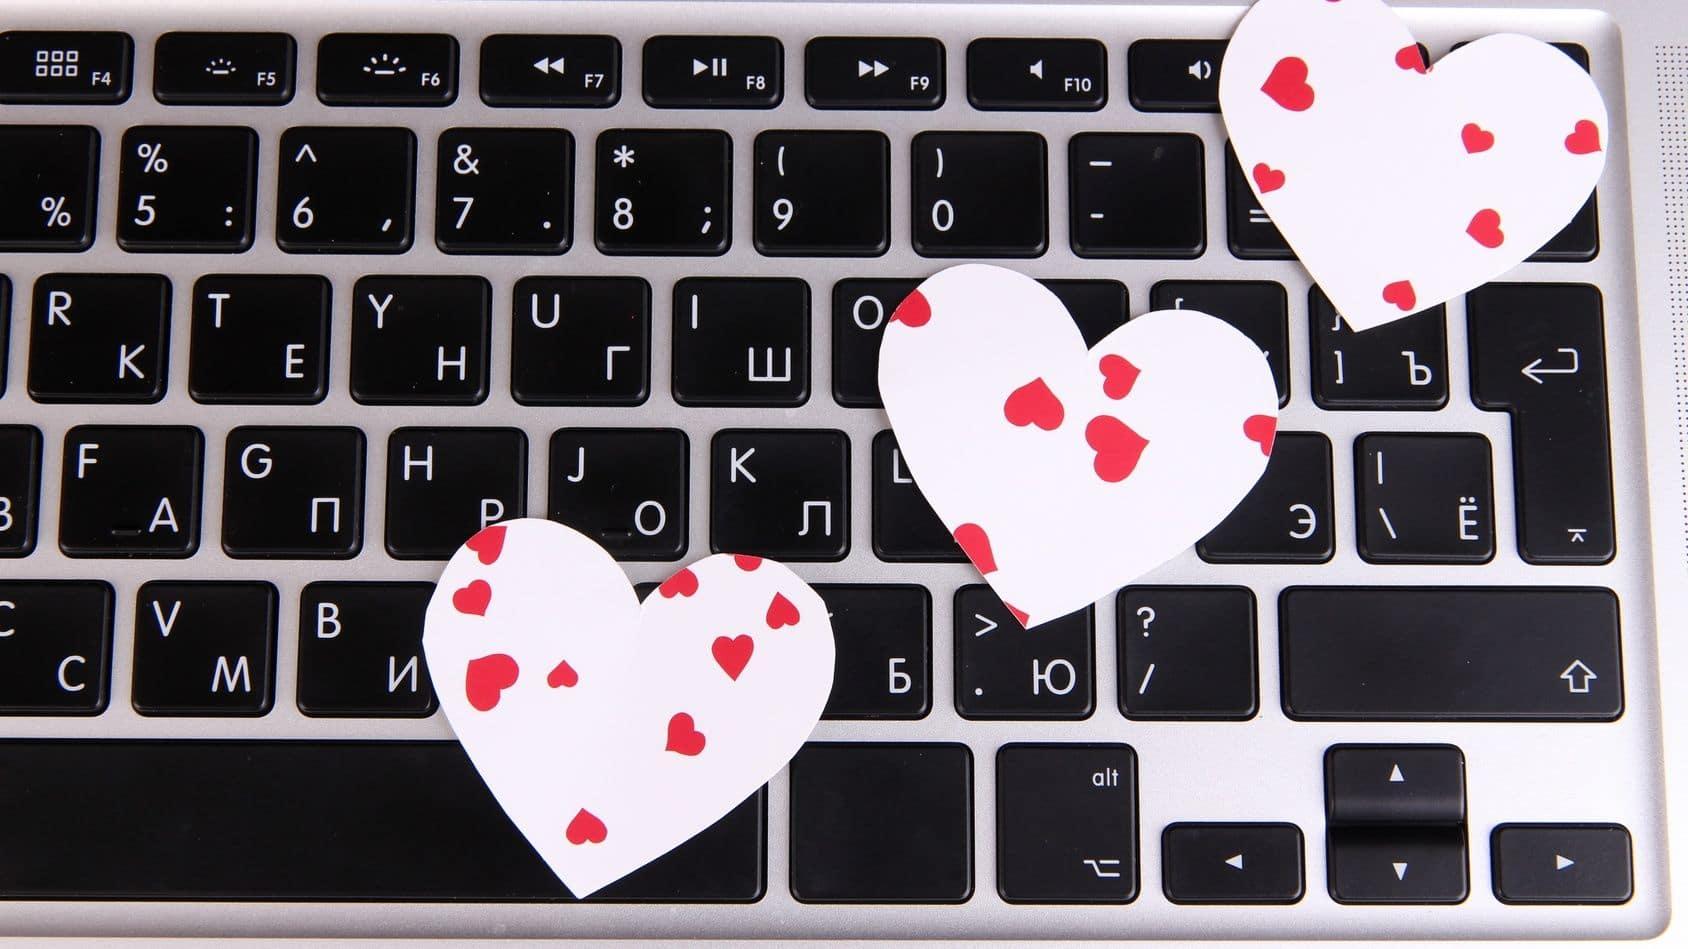 partner preferences in online dating Crossracial differences in the racial preferences of potential dating partners: online dating preferences of asian americans glenn t tsunokai 1.